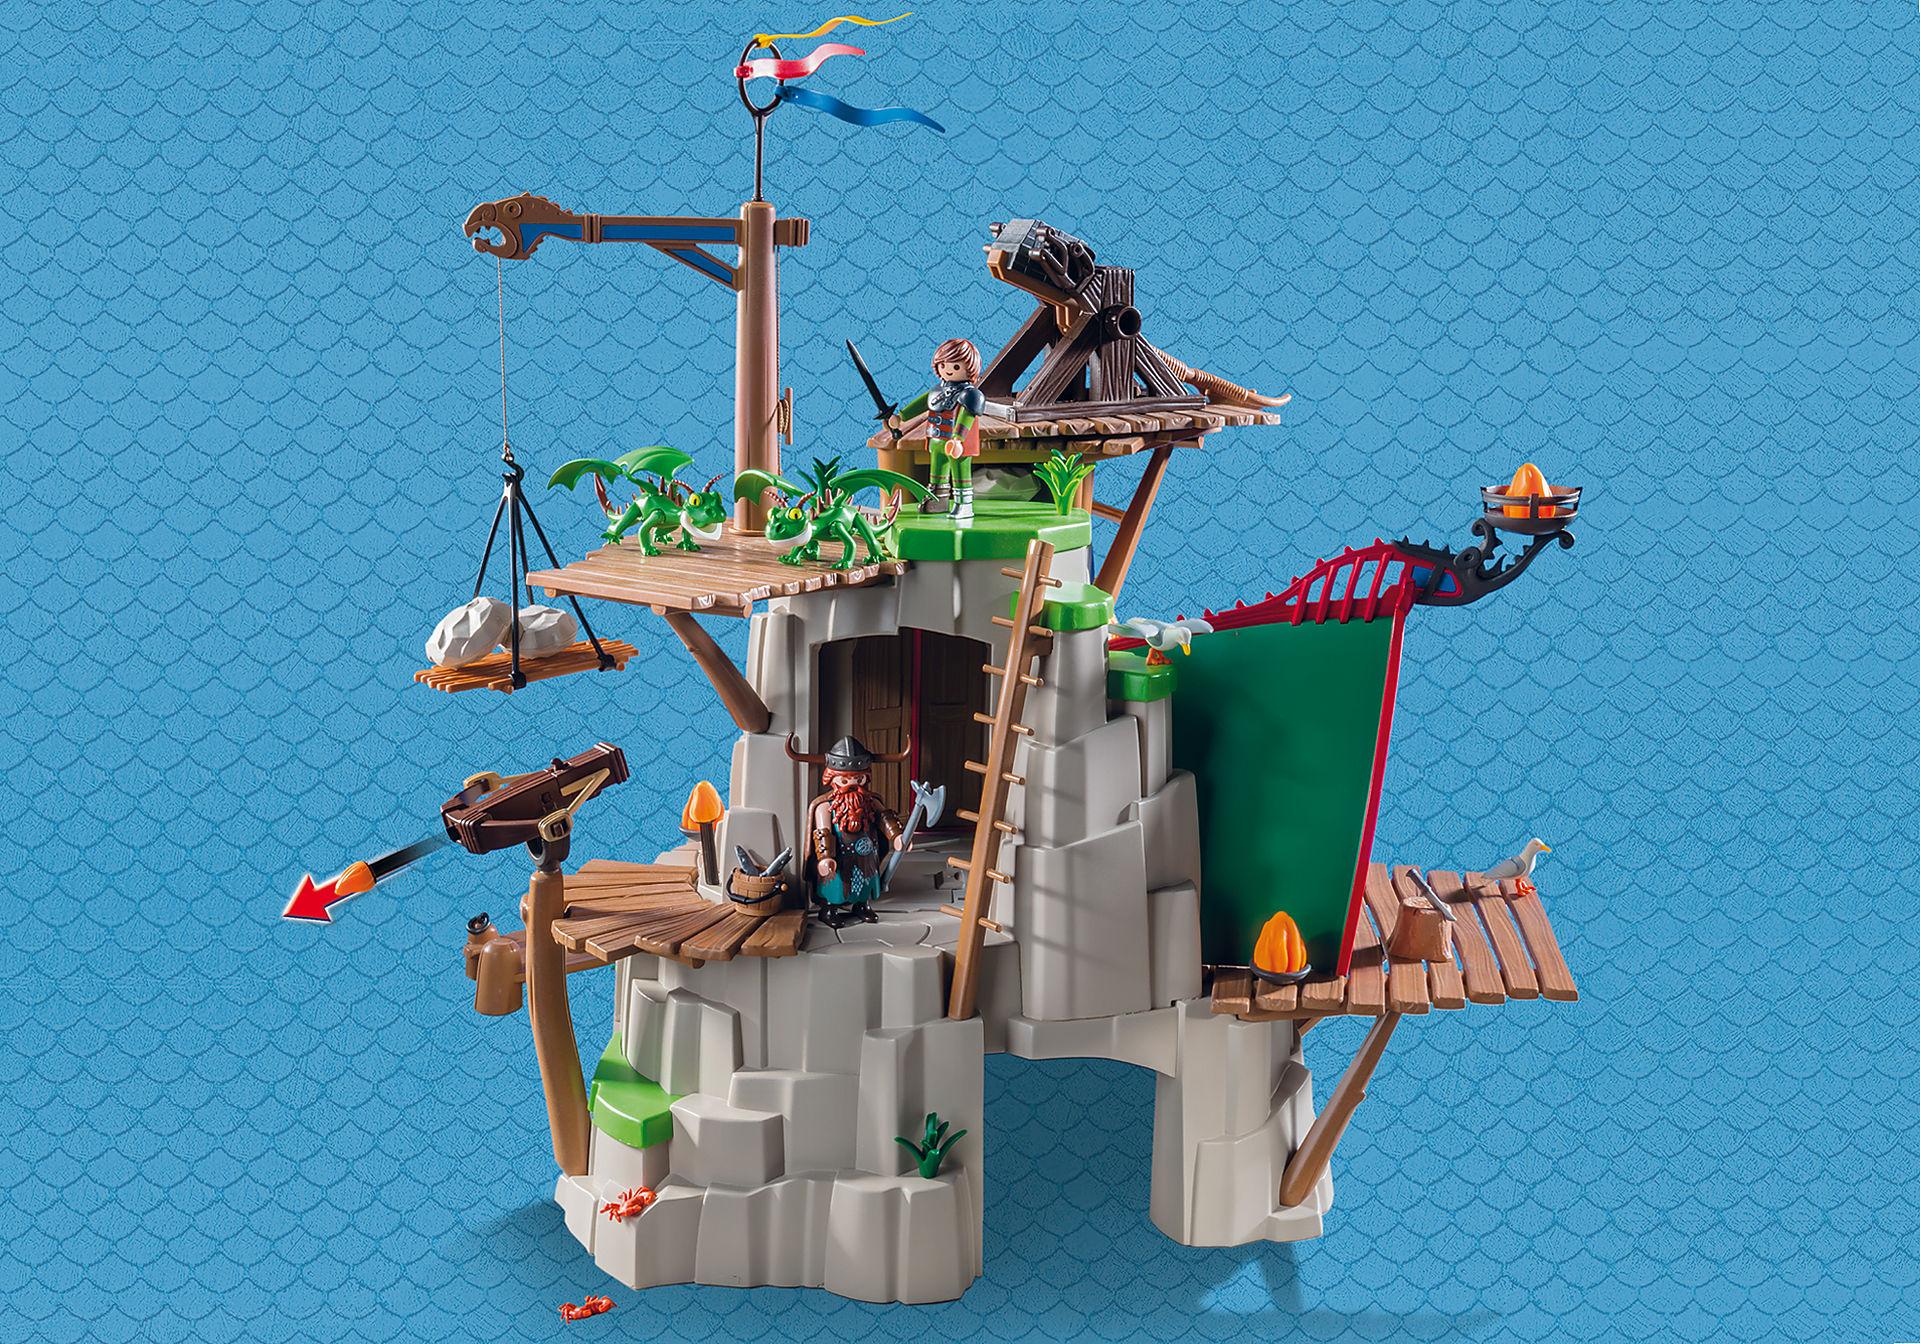 http://media.playmobil.com/i/playmobil/9243_product_extra1/Campement de l'île de Beurk